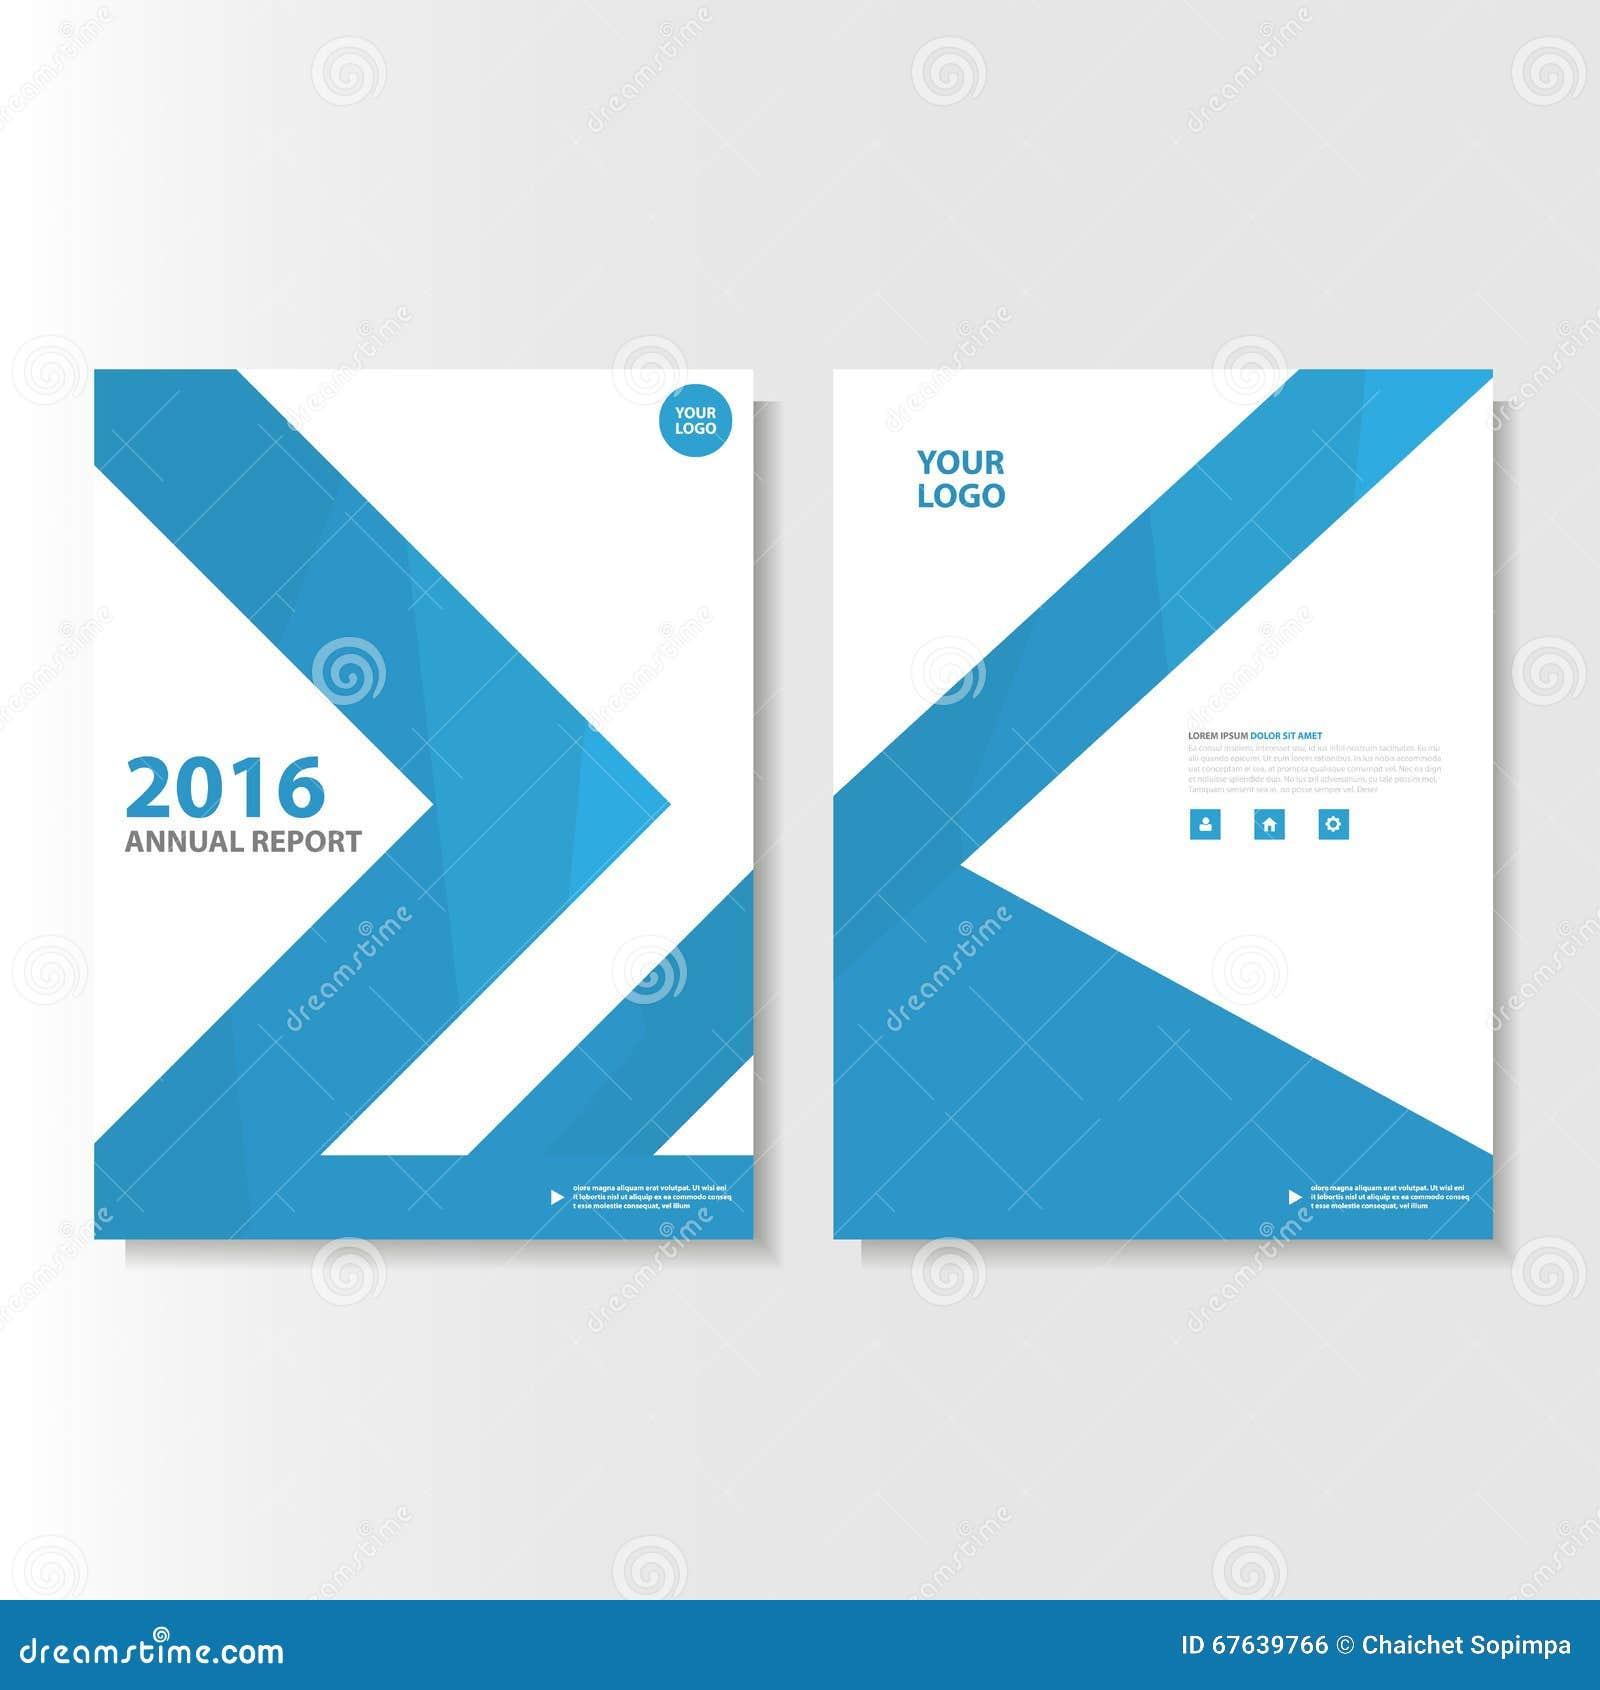 Μπλε διανυσματικό σχέδιο προτύπων ιπτάμενων φυλλάδιων φυλλάδιων περιοδικών ετήσια εκθέσεων, σχέδιο σχεδιαγράμματος κάλυψης βιβλίω